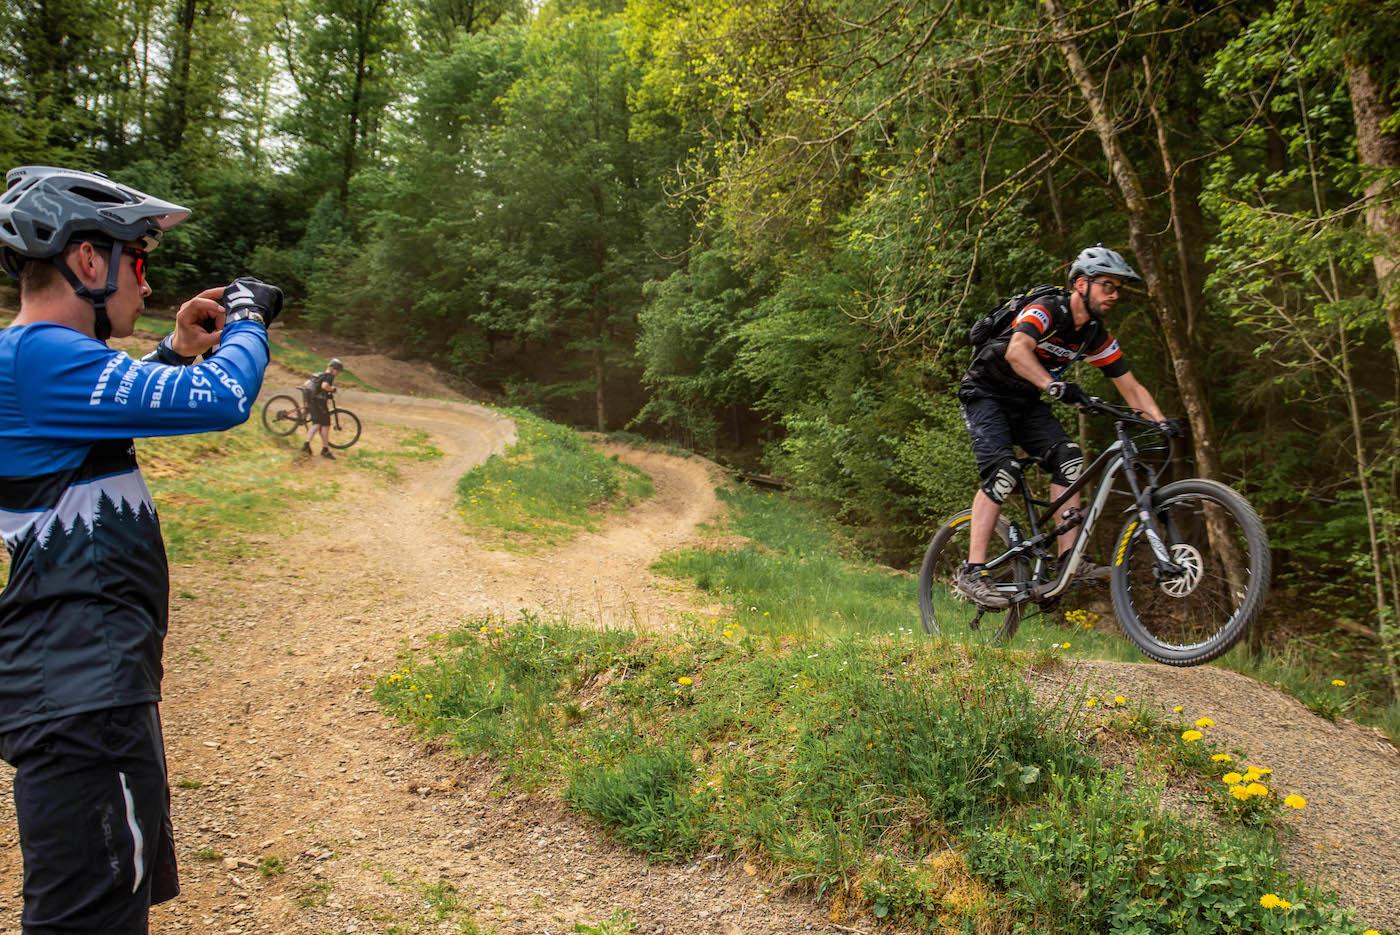 MTB Sprung & Drop Kurs in Moers - Niederrhein - Halde Norddeutschland - Fahrtechnik Training Rock my Trail Bikeschule GmbH